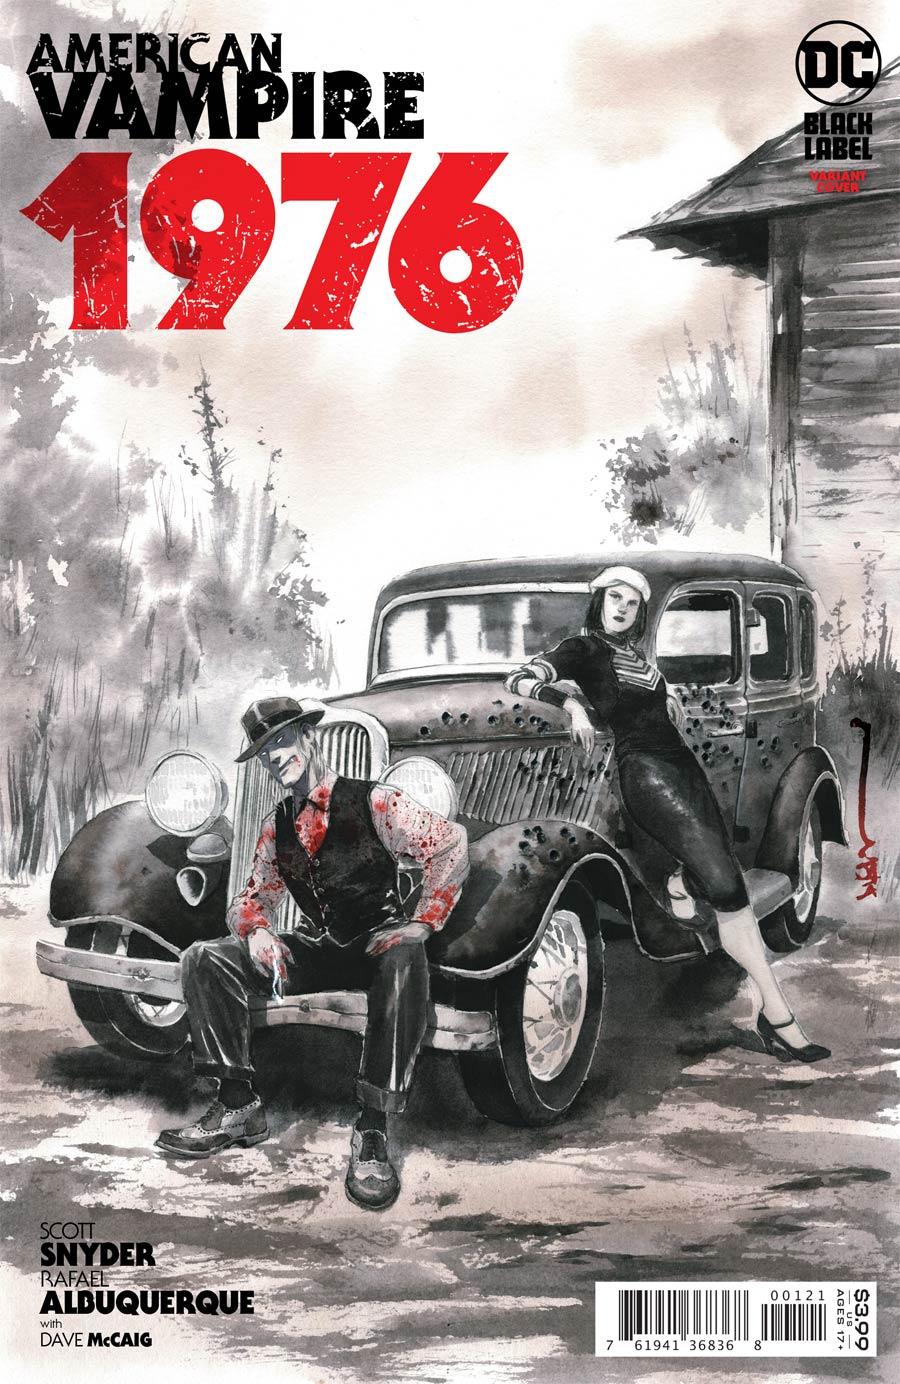 American Vampire 1976 #1 Cover B Variant Dustin Nguyen Cover